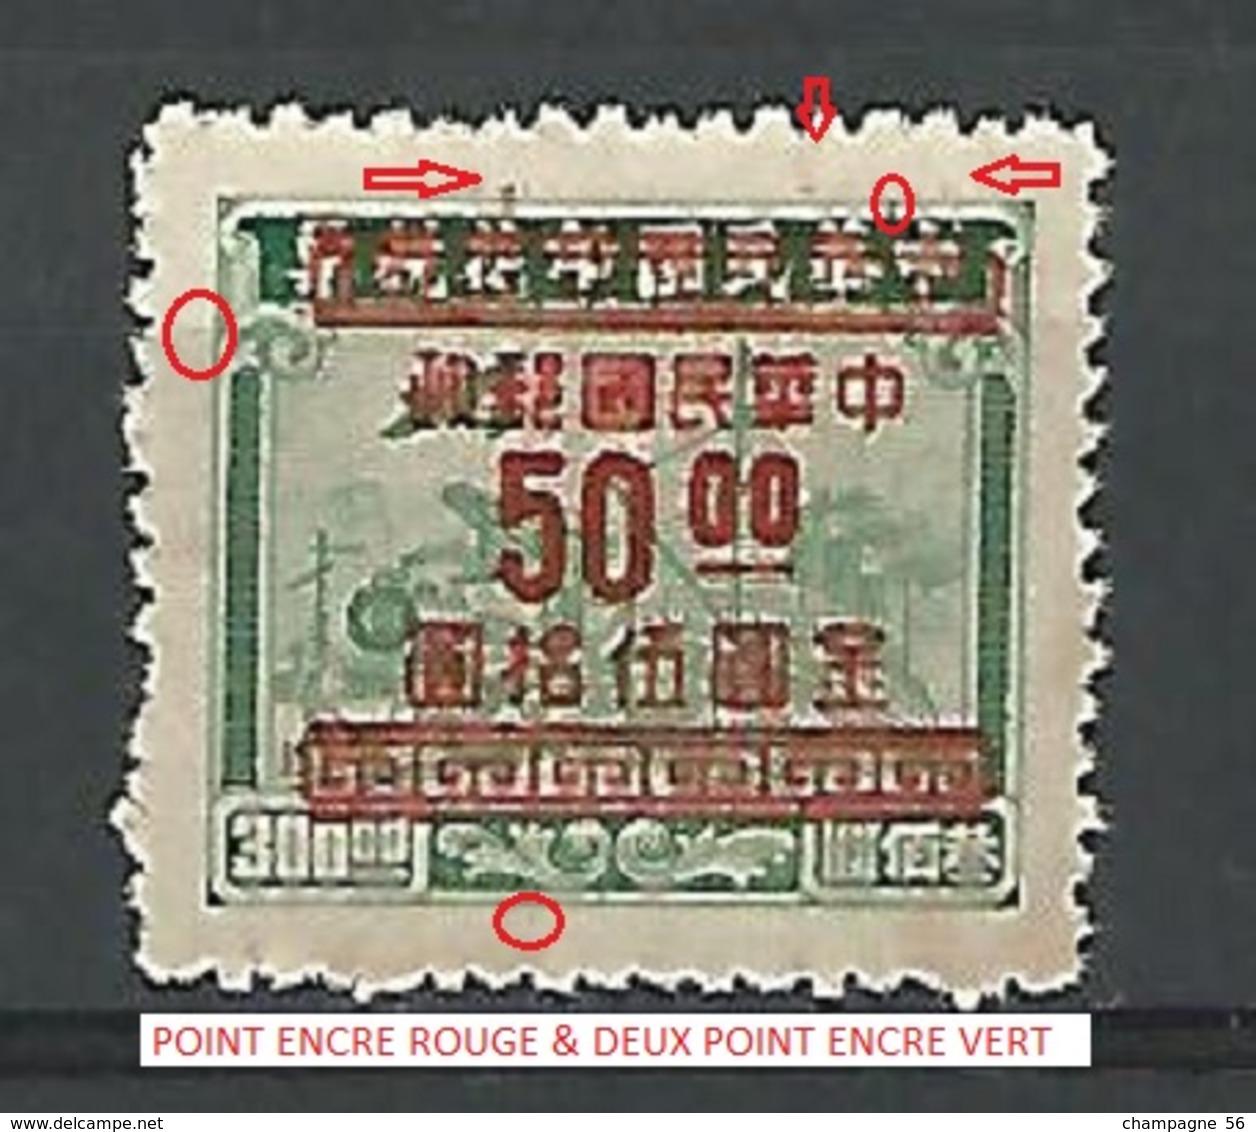 * VARIÉTÉS 1949 SURCHARGE ROUGE 50 00 TRANSPORT  NEUF SANS GOMME - 1949 - ... People's Republic